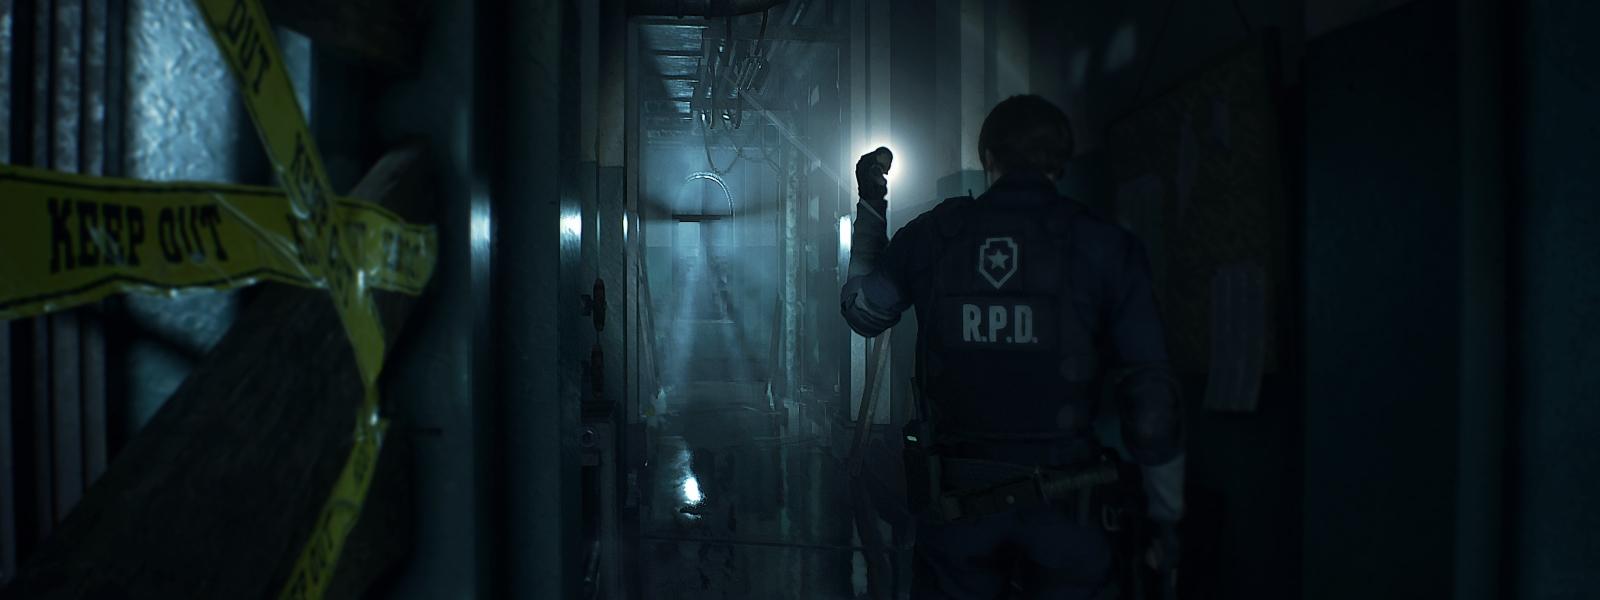 浸水した廊下を懐中電灯で照らし出すレオン・ケネディの背面